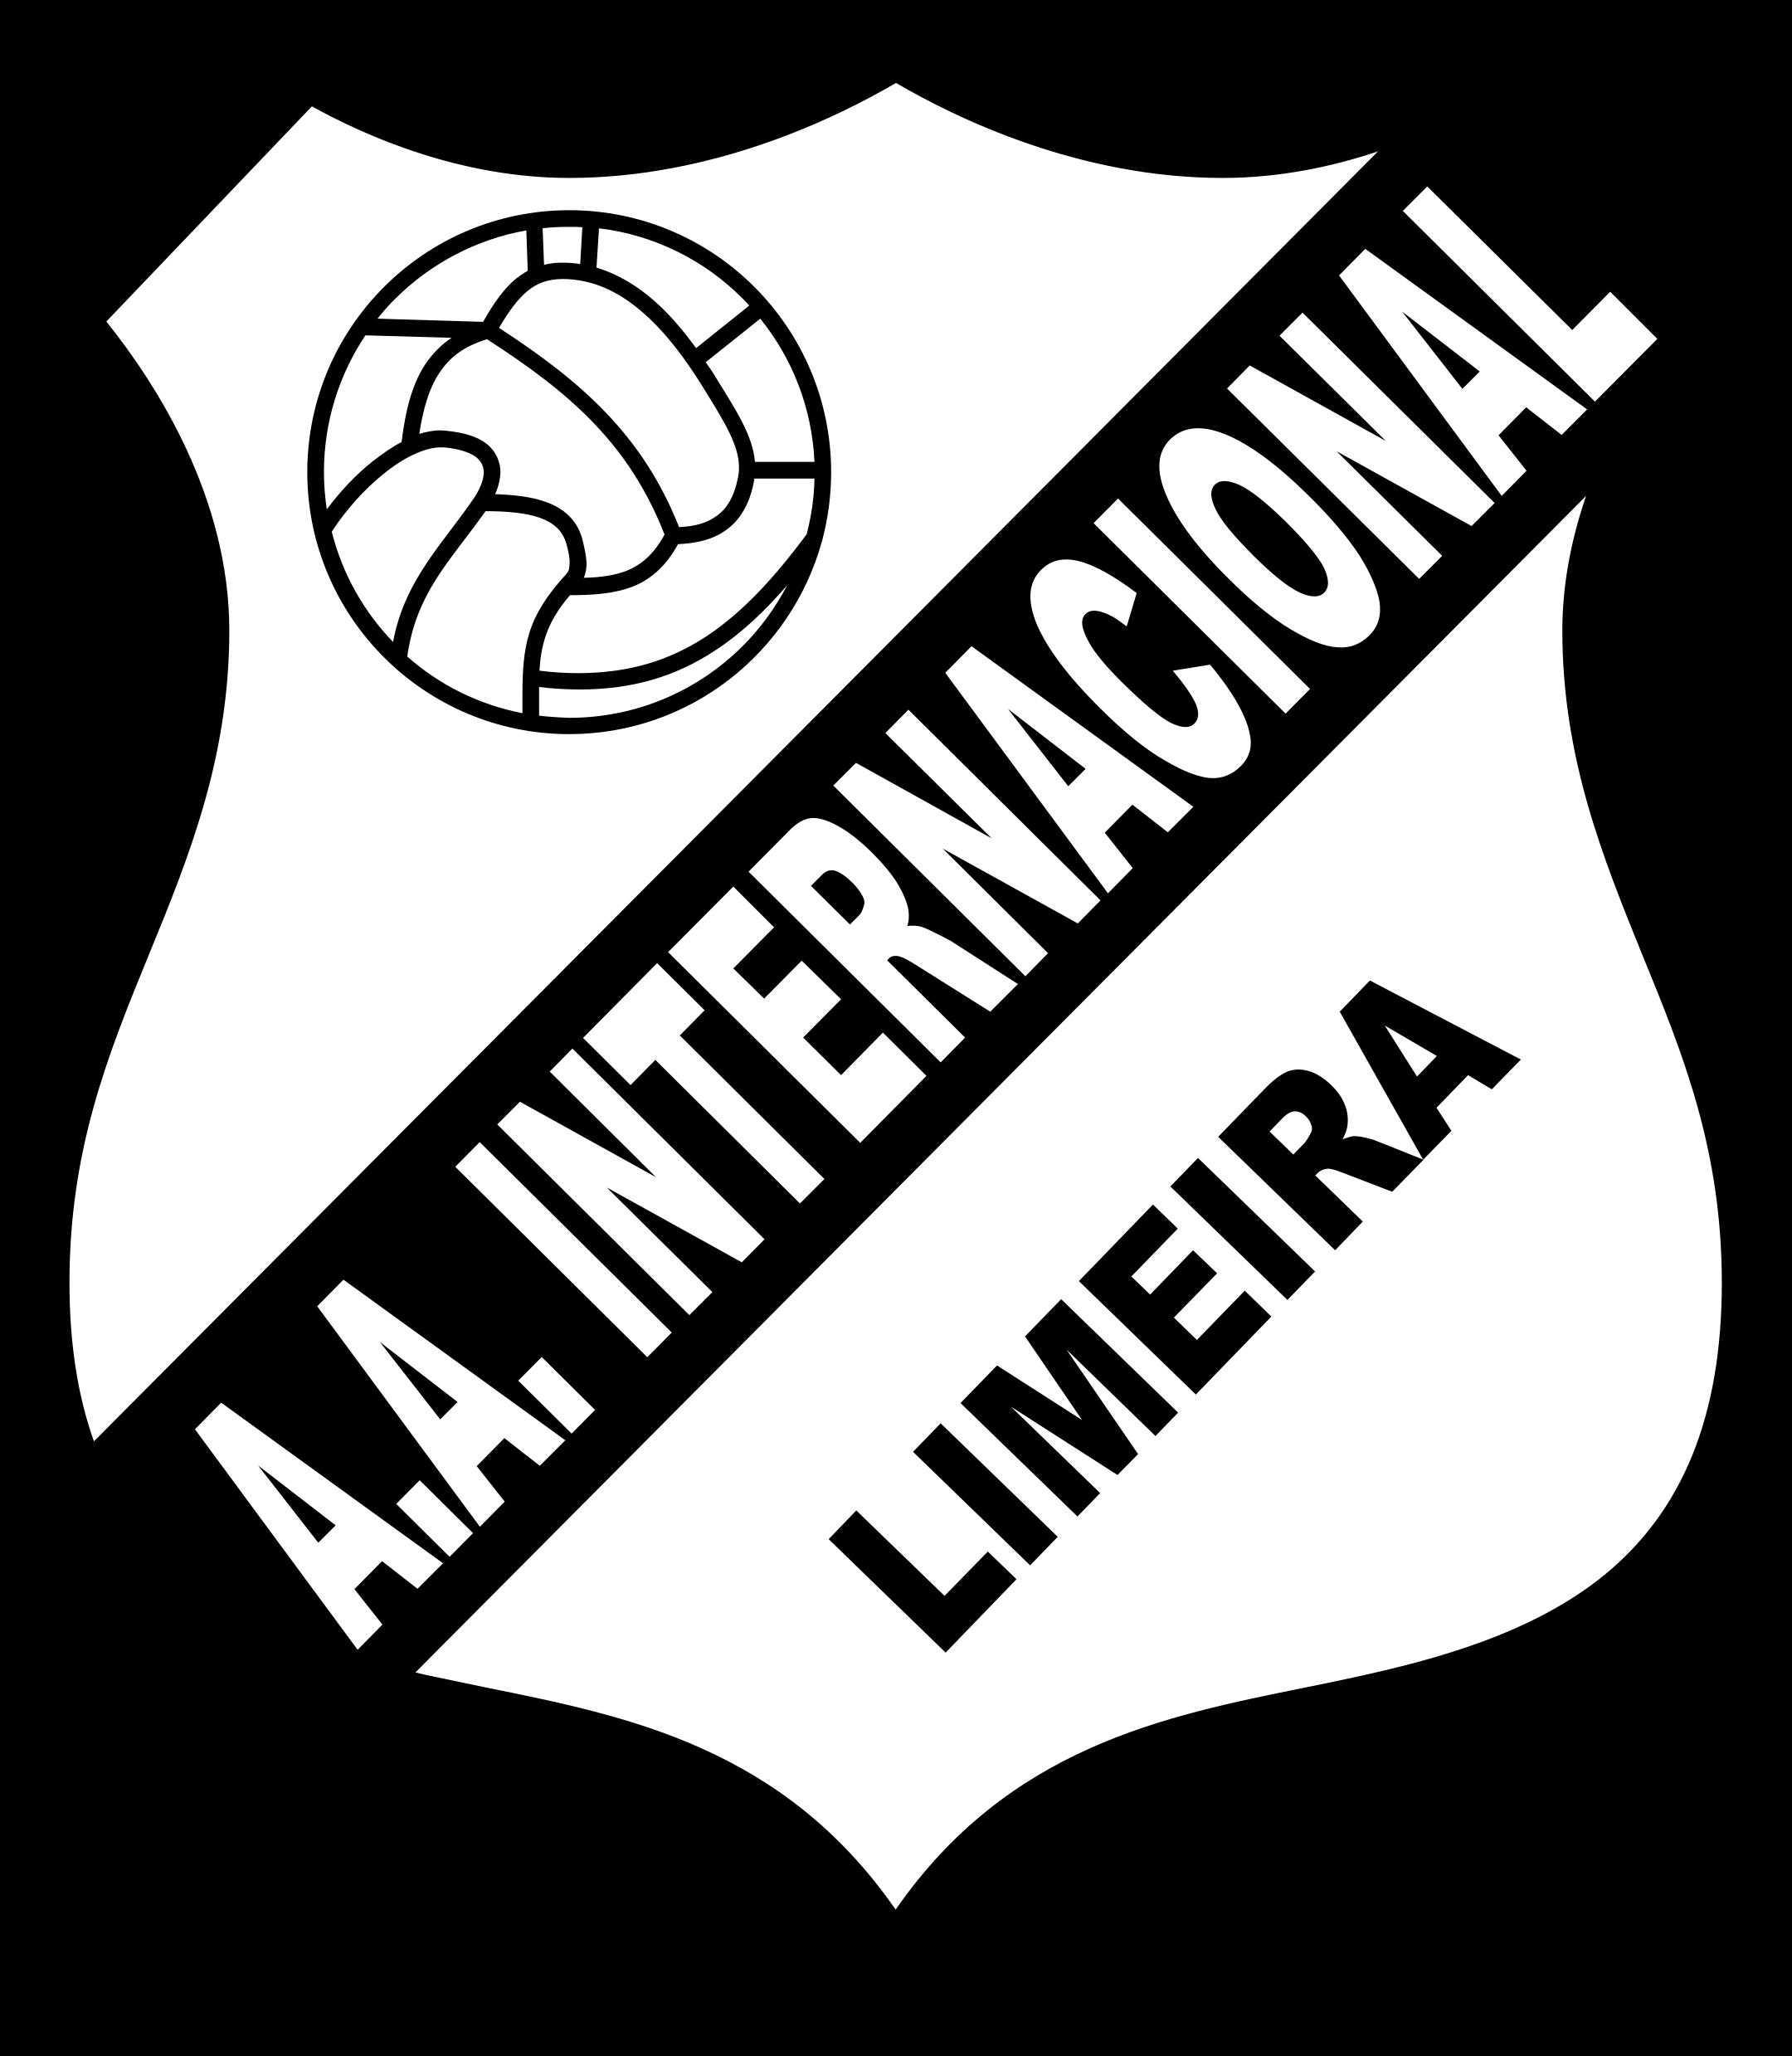 inter limeira logo escudo 1 - Inter de Limeira Logo - Escudo